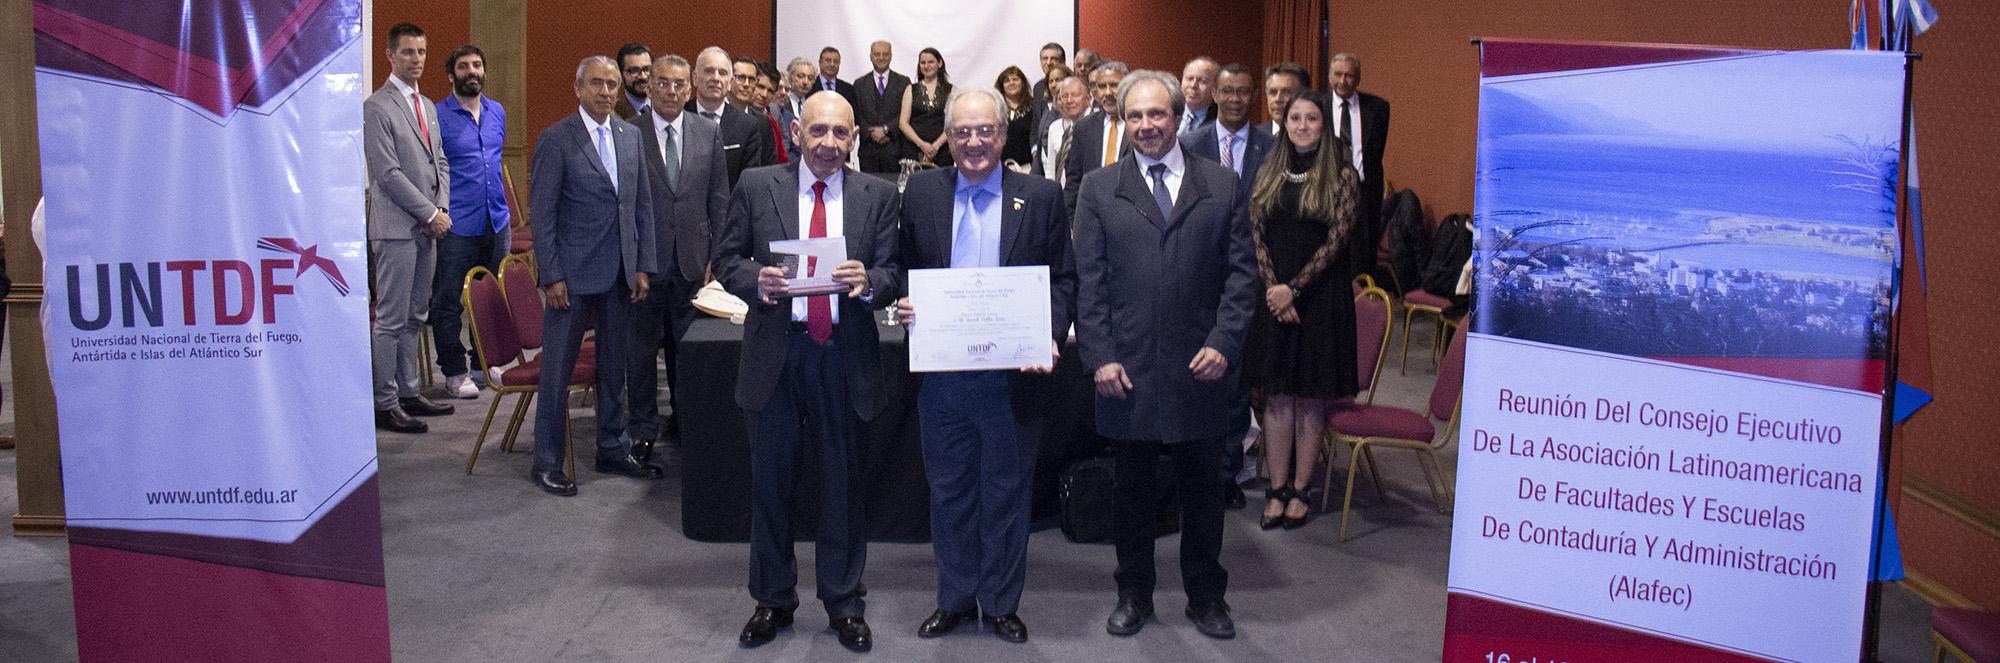 untdf_universidad_castelucci_rector_tierradelfuego